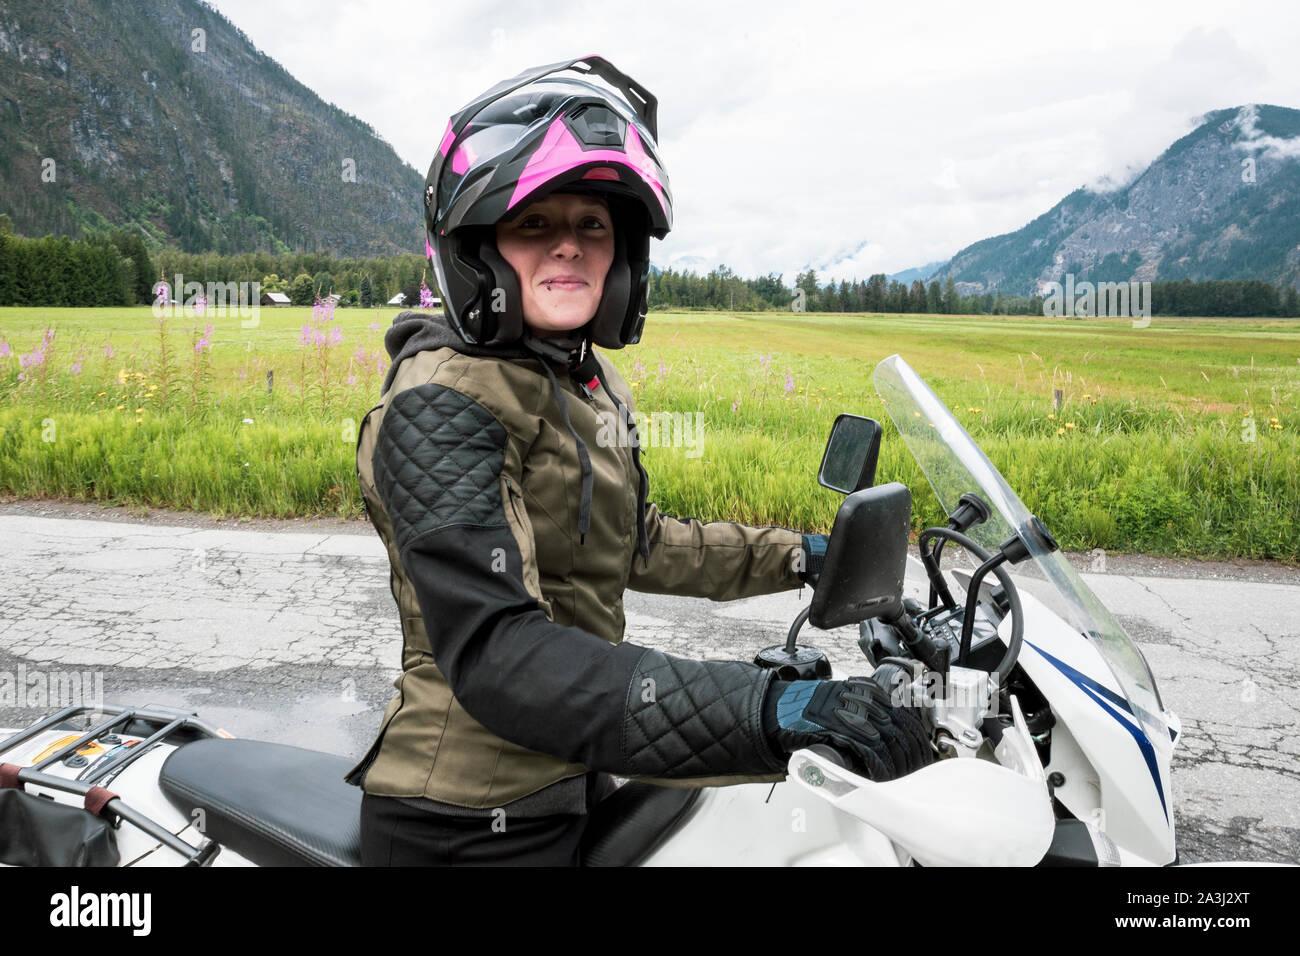 Una mujer paseos su motocicleta en un nublado día de verano. Foto de stock